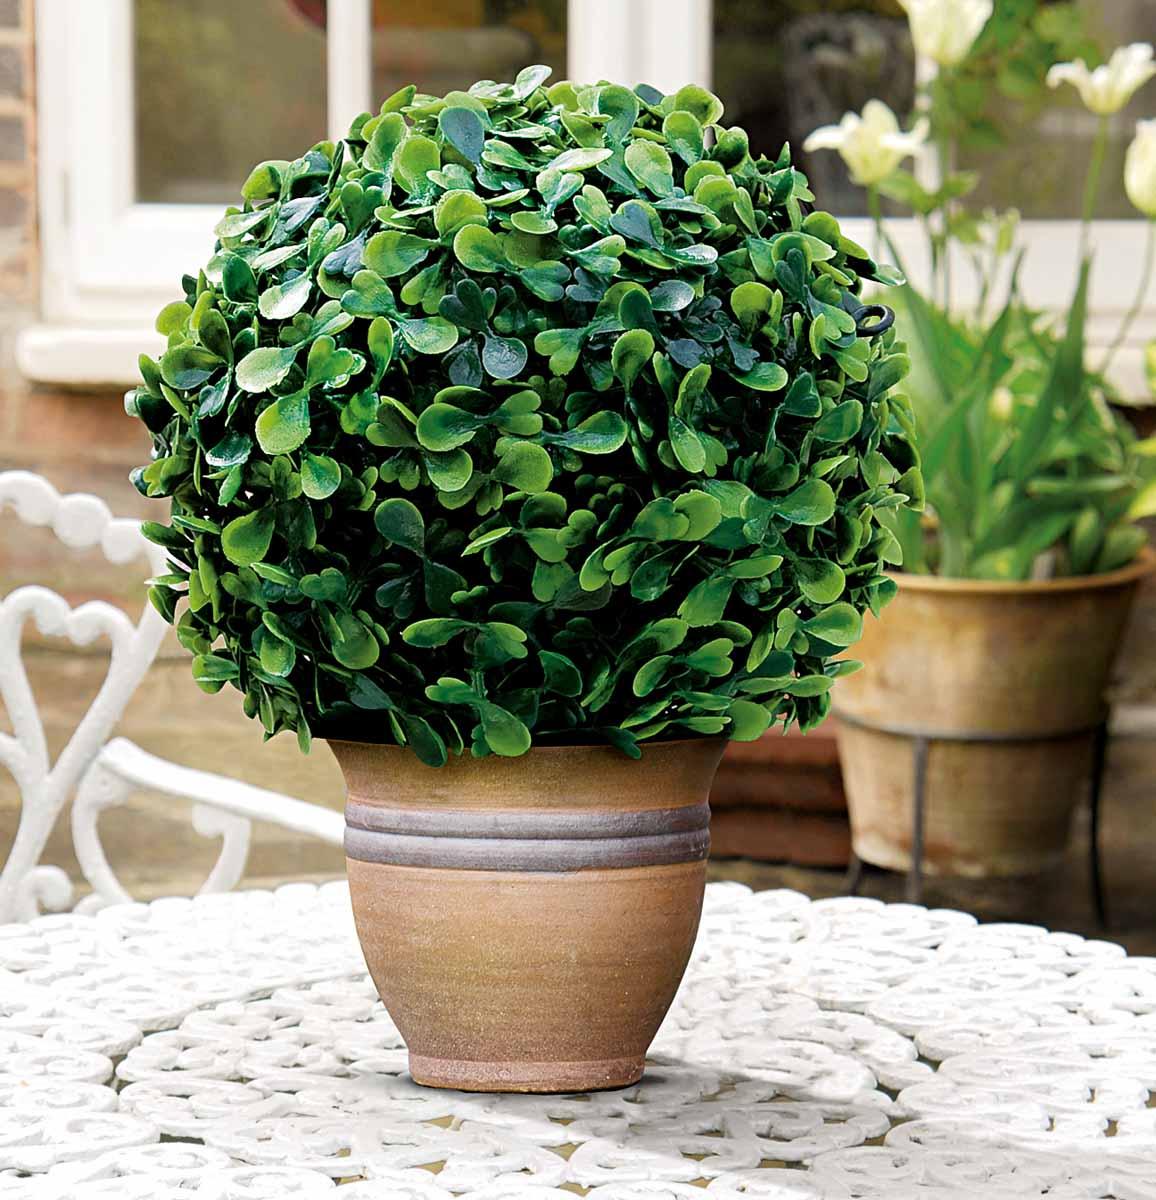 Искусственное растение Gardman Topiary Ball. Самшит, цвет: зеленый, диаметр 15 смS03301004Искусственное растение Gardman Topiary Ball выполнено из пластика в виде шара. Листья растения зеленого цвета имитируют самшит. Вы можете поместить растение в горшок, где оно будет очень эффектно смотреться. Растение устойчиво к воздействиям внешней среды, таким как влажность, солнце, перепады температуры, не выцветает со временем. Искусственное растение Gardman Topiary Ball великолепно украсит интерьер офиса, дома или сада.Характеристики:Материал: пластик. Цвет: зеленый. Диаметр шара: 15 см.